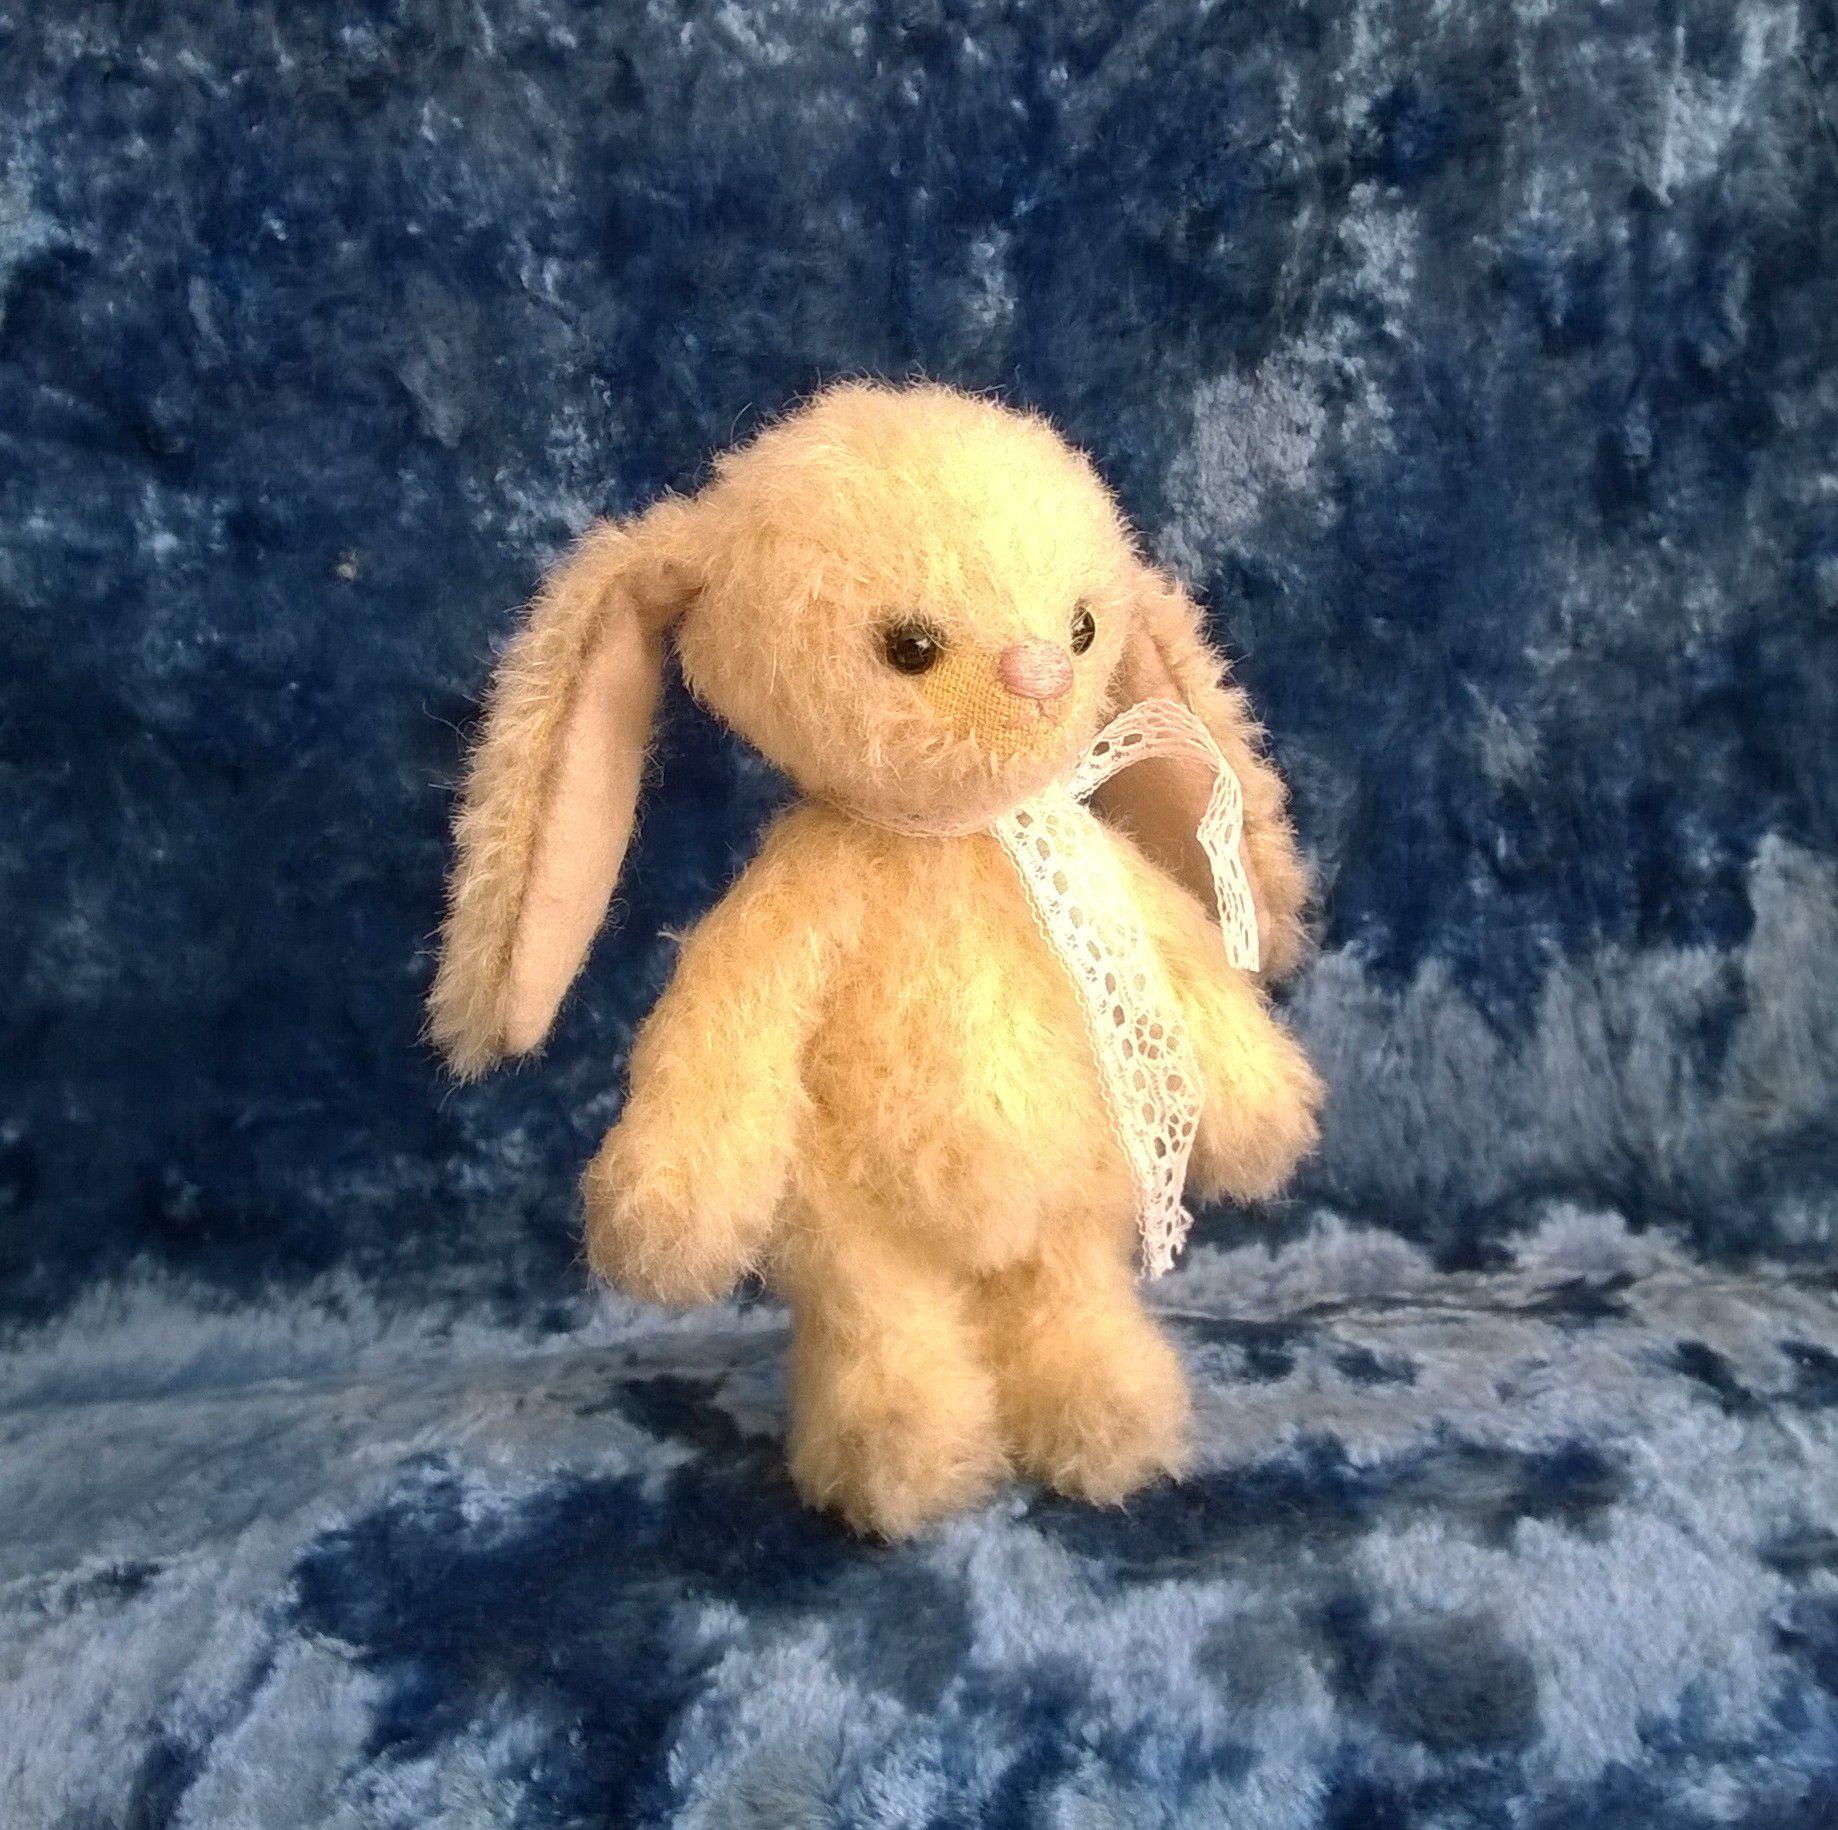 зая теддик теддизаяц заяцтедди пушистыйзая милыйзая другтедди желтый подарок